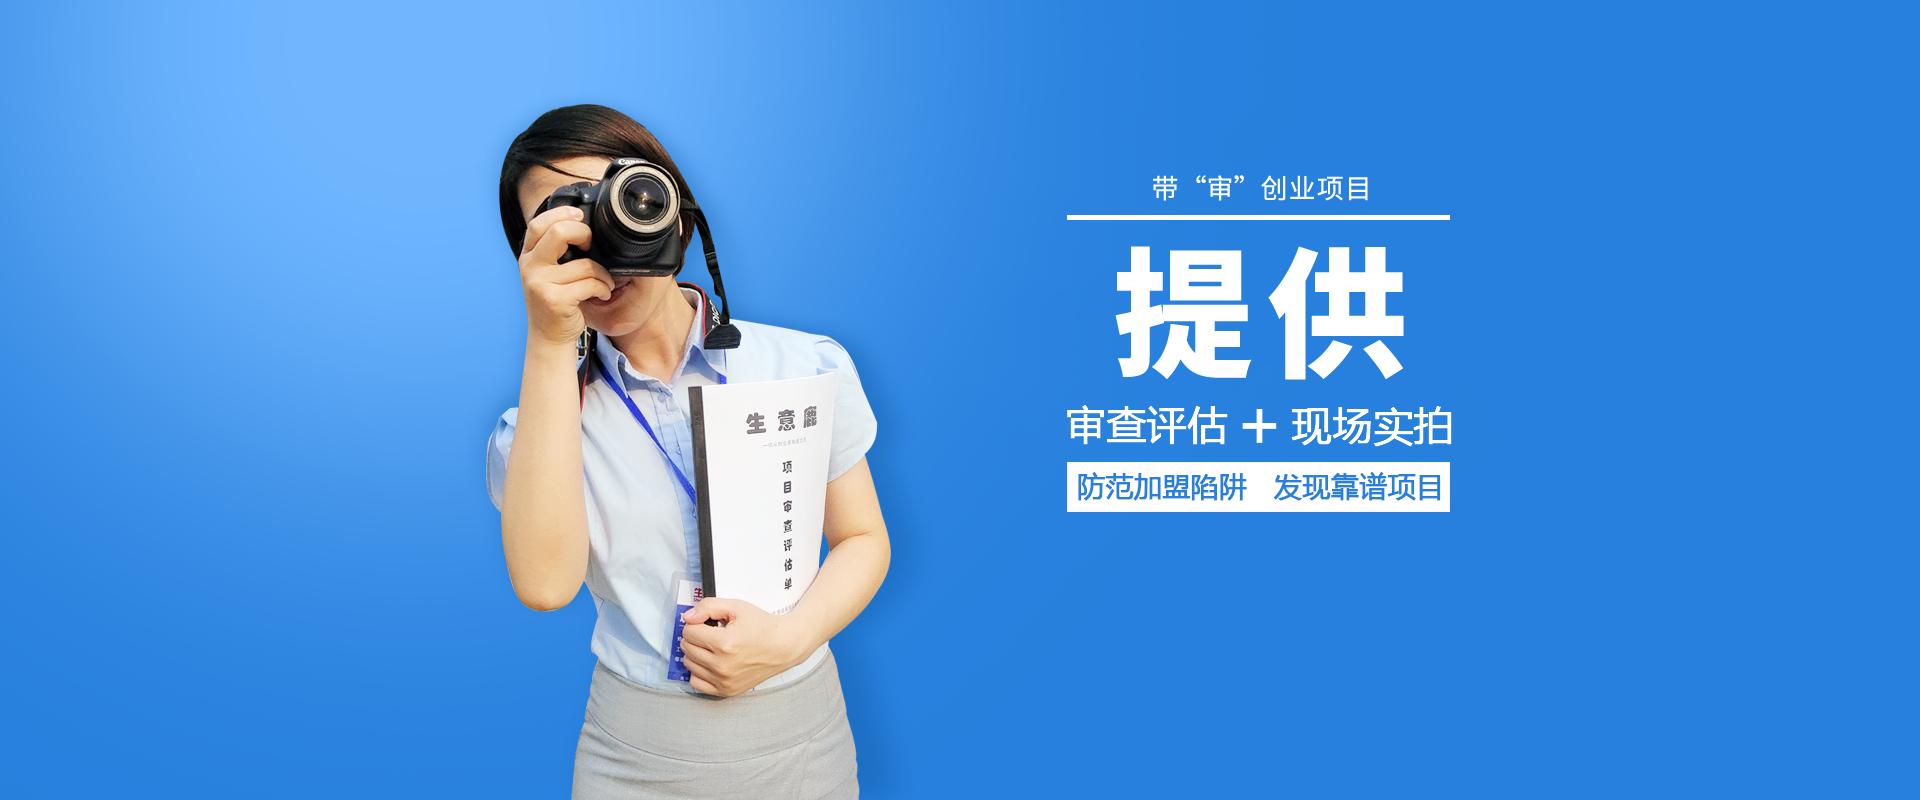 生意鹿-中国首家创业+众创平台